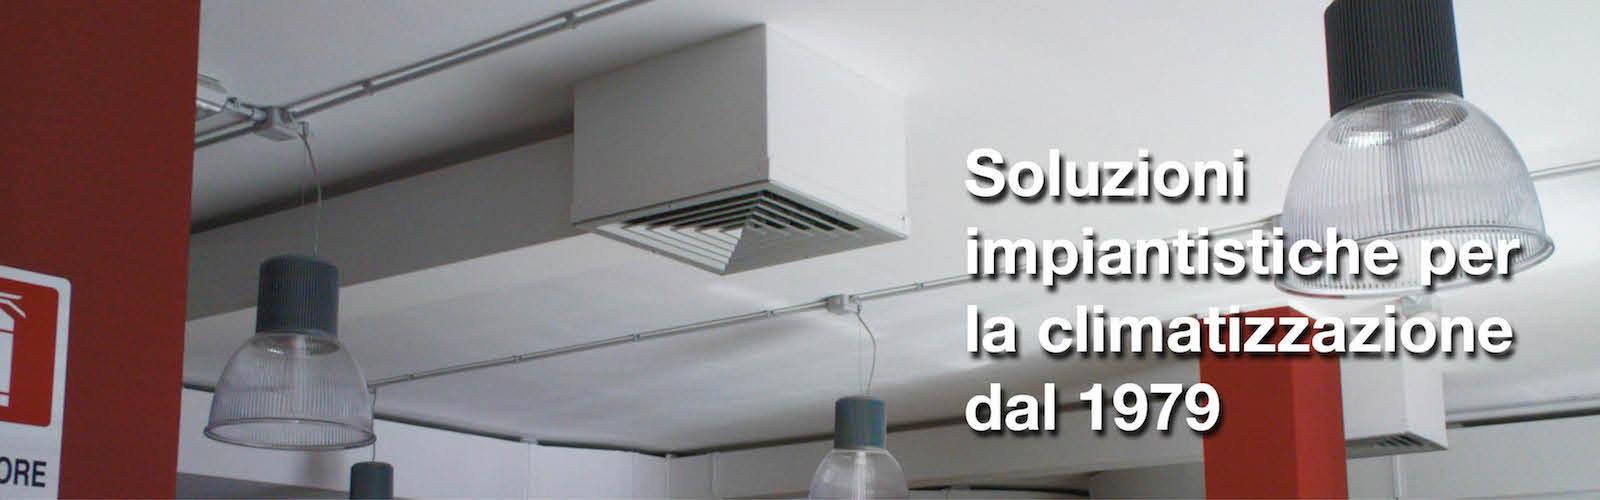 sfaer_soluzioni_climatizzazione